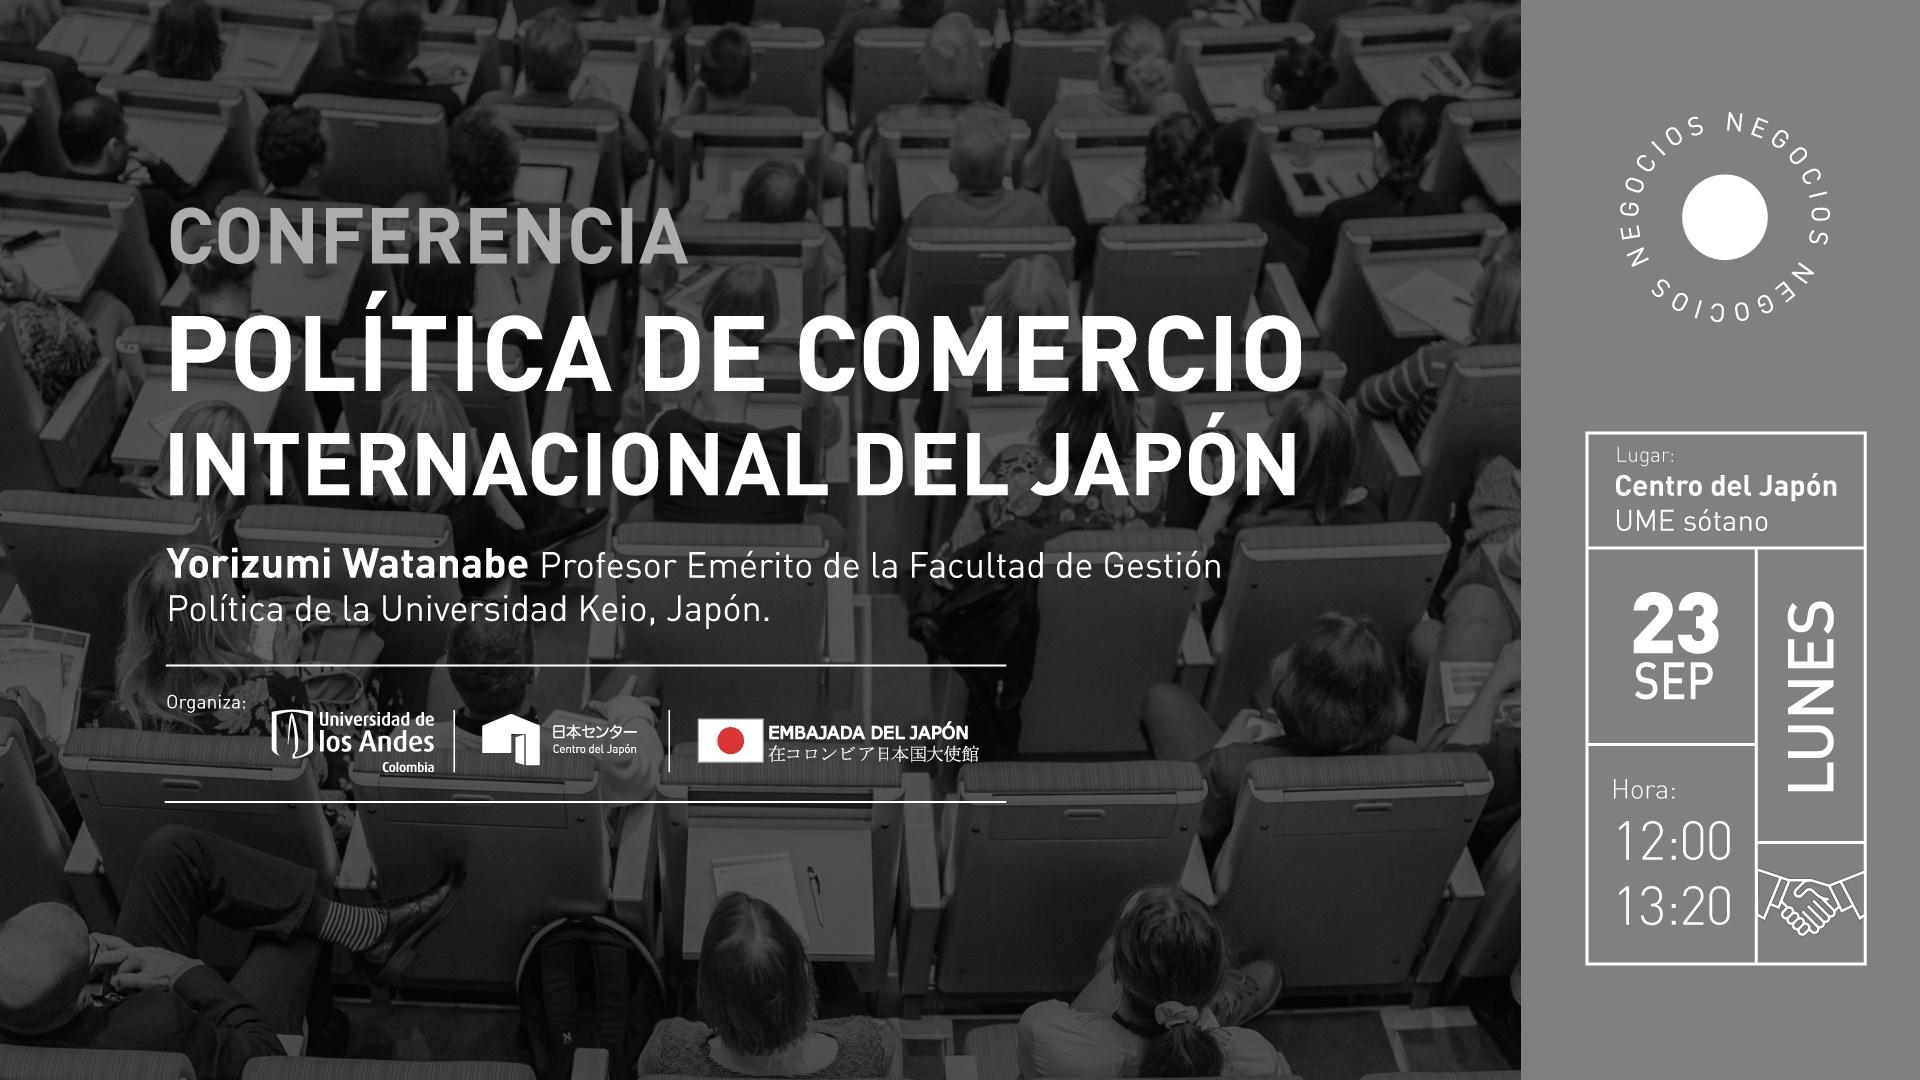 Conferencia «Política de comercio internacional del Japón»